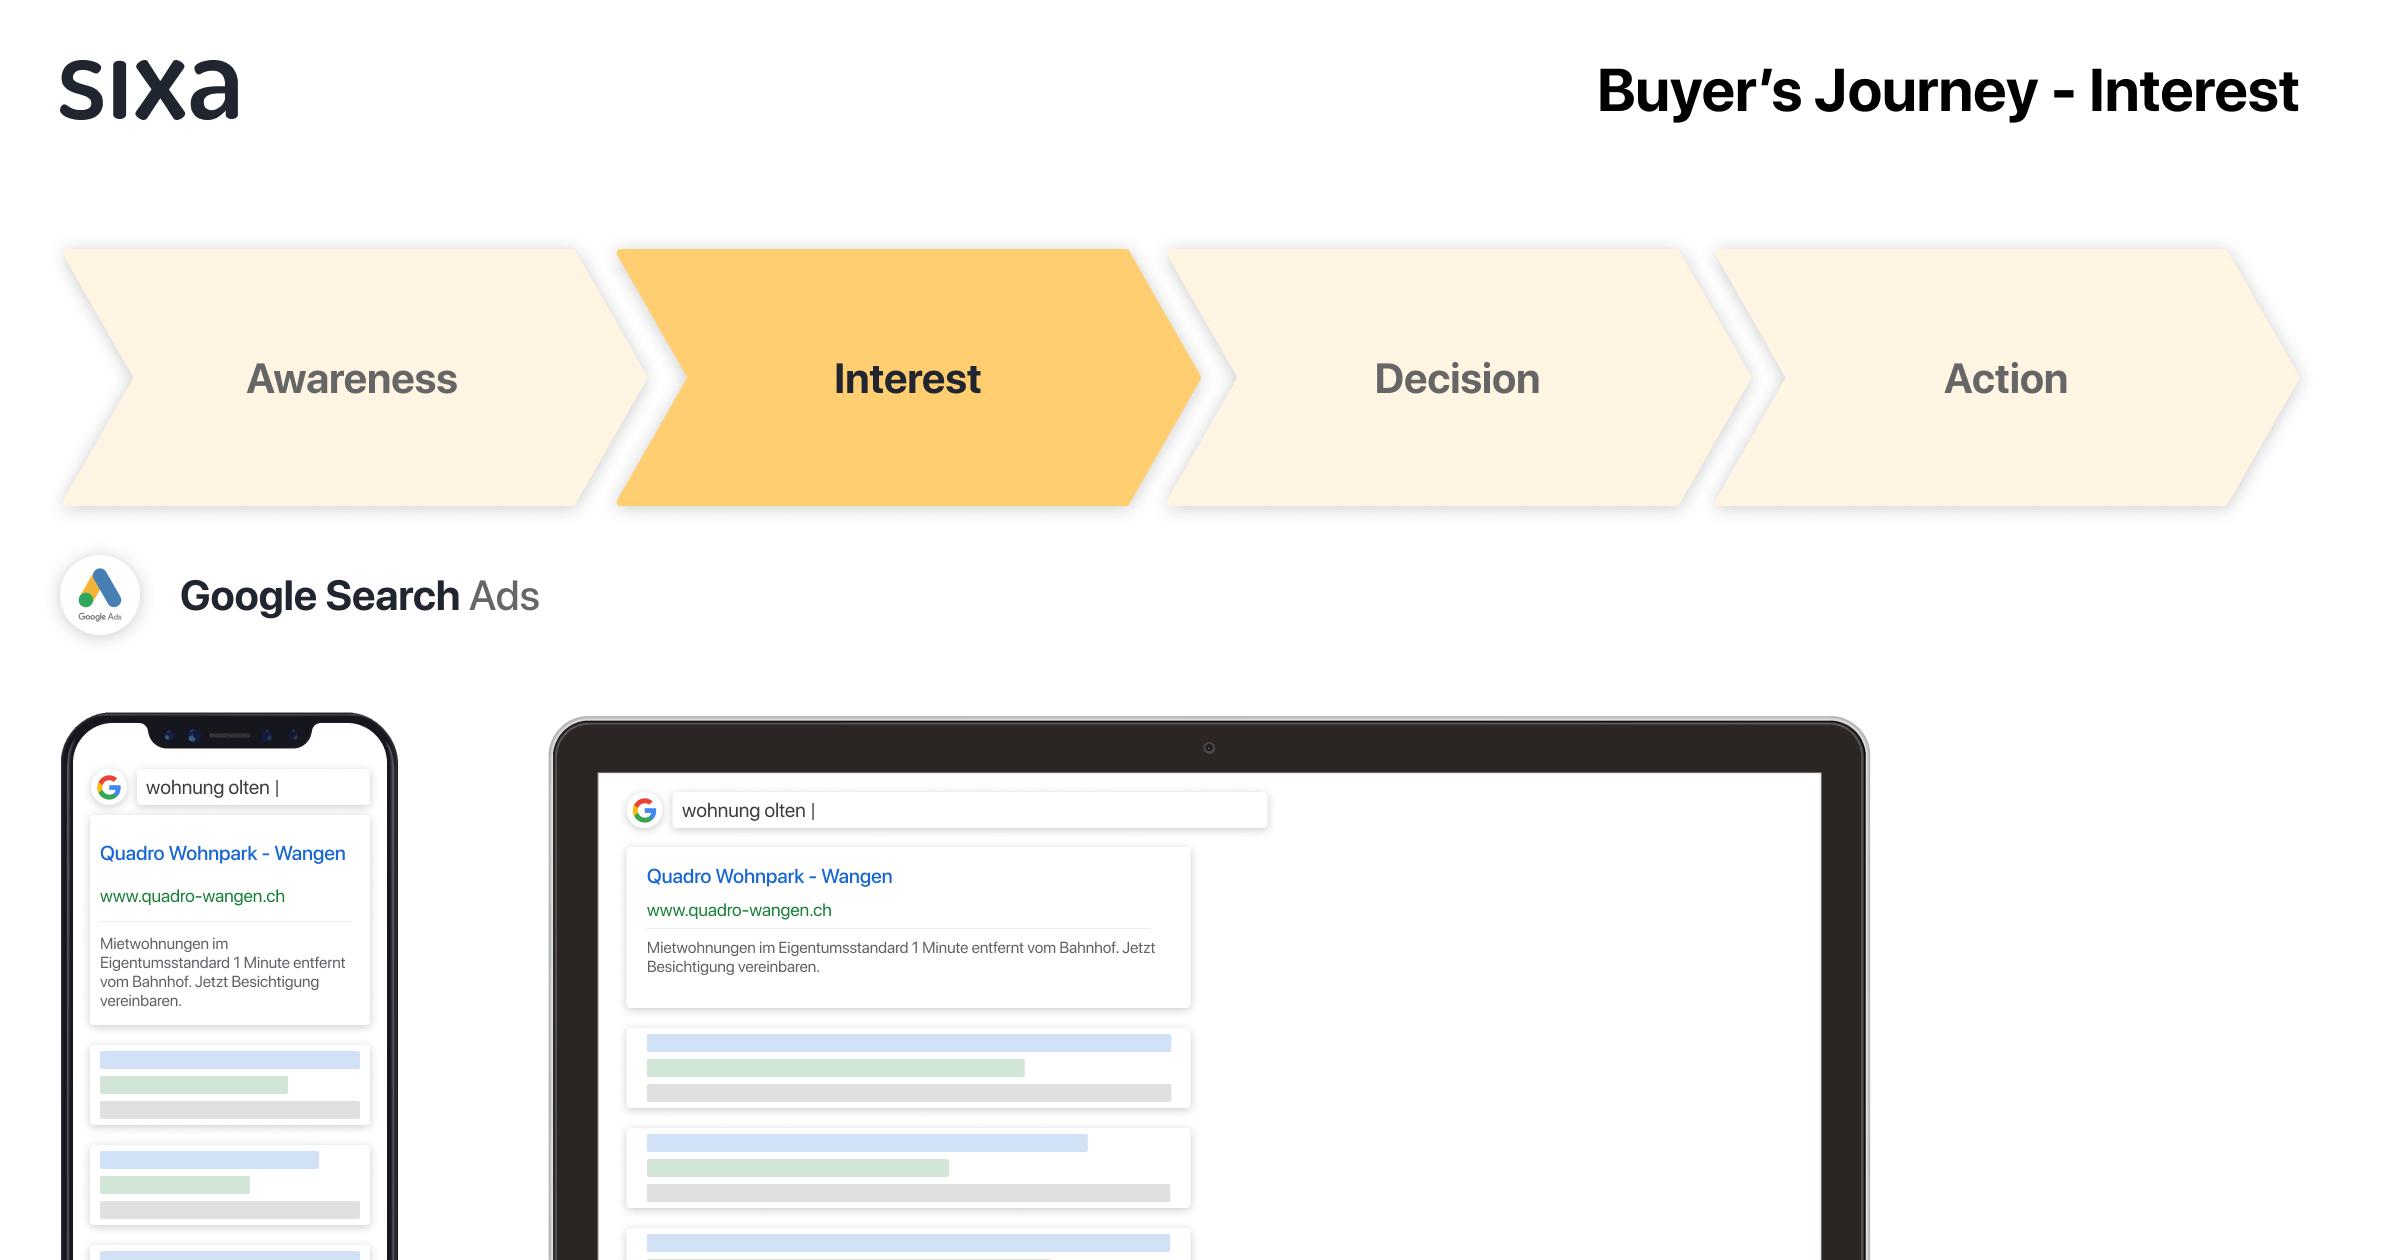 Übersicht Buyer's Journey - Interest